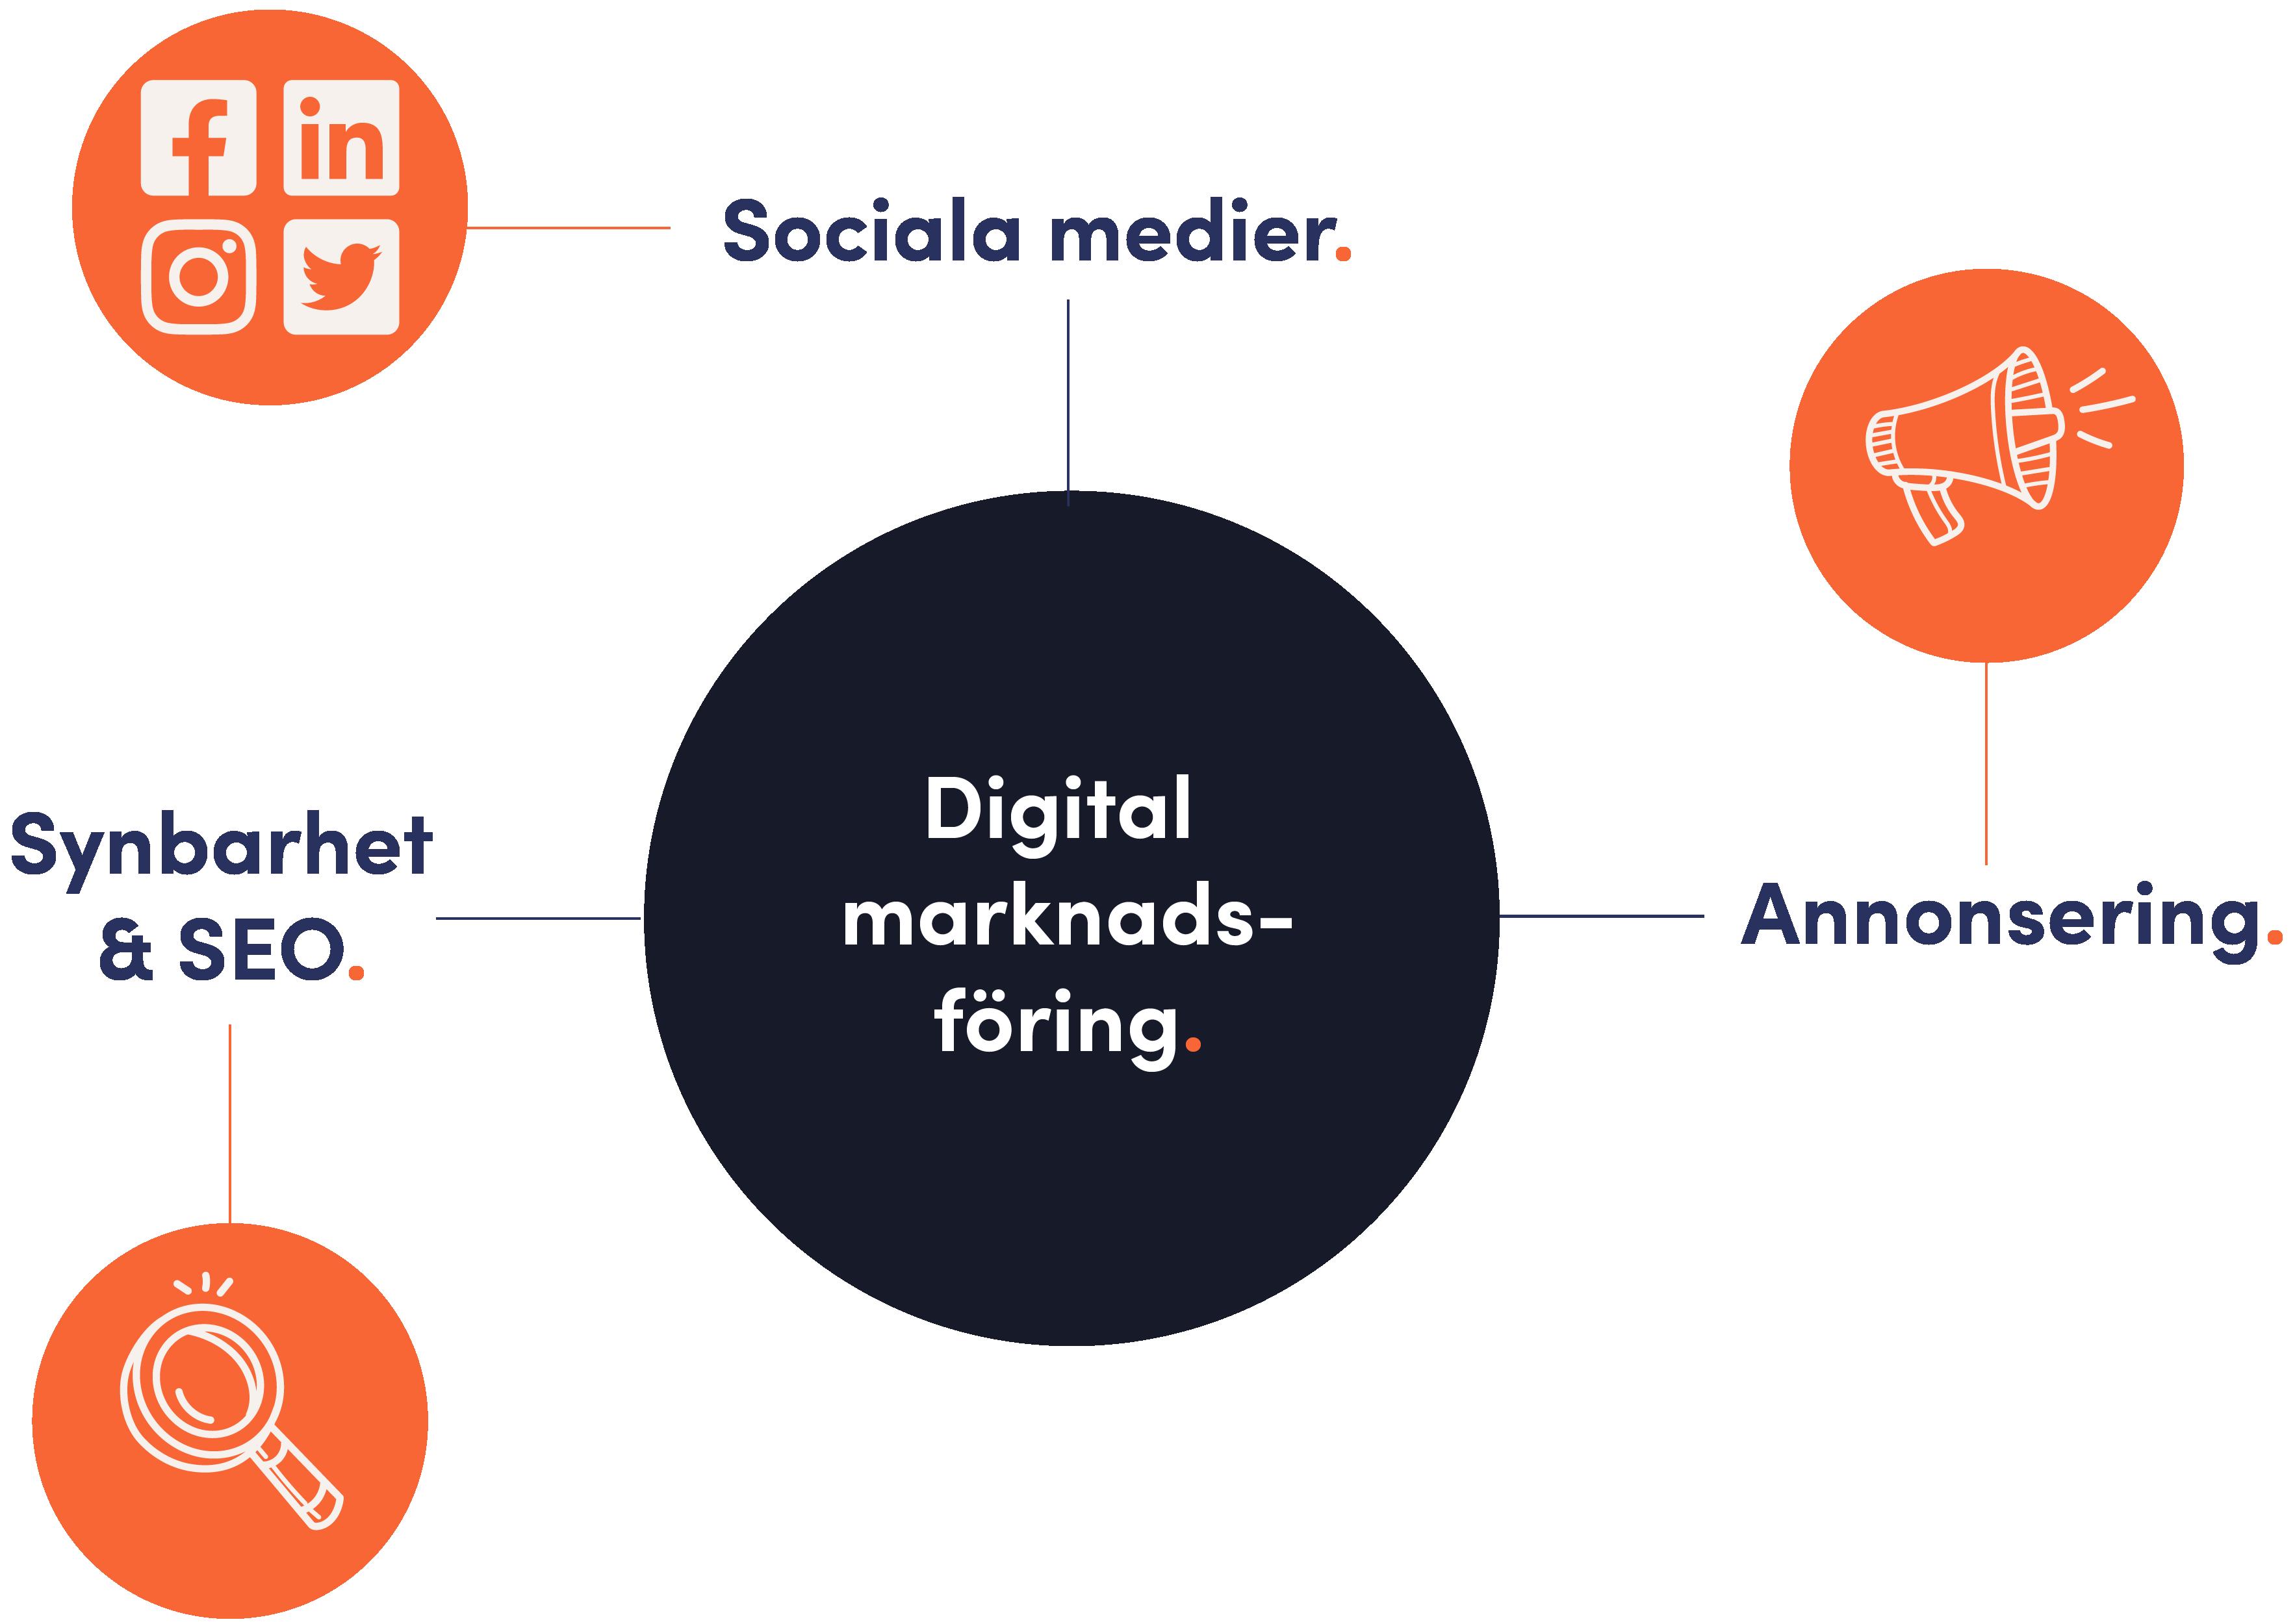 Webbyrå i Växjö som erbjuder digital marknadsföring: SEO, annonsering, sociala medier